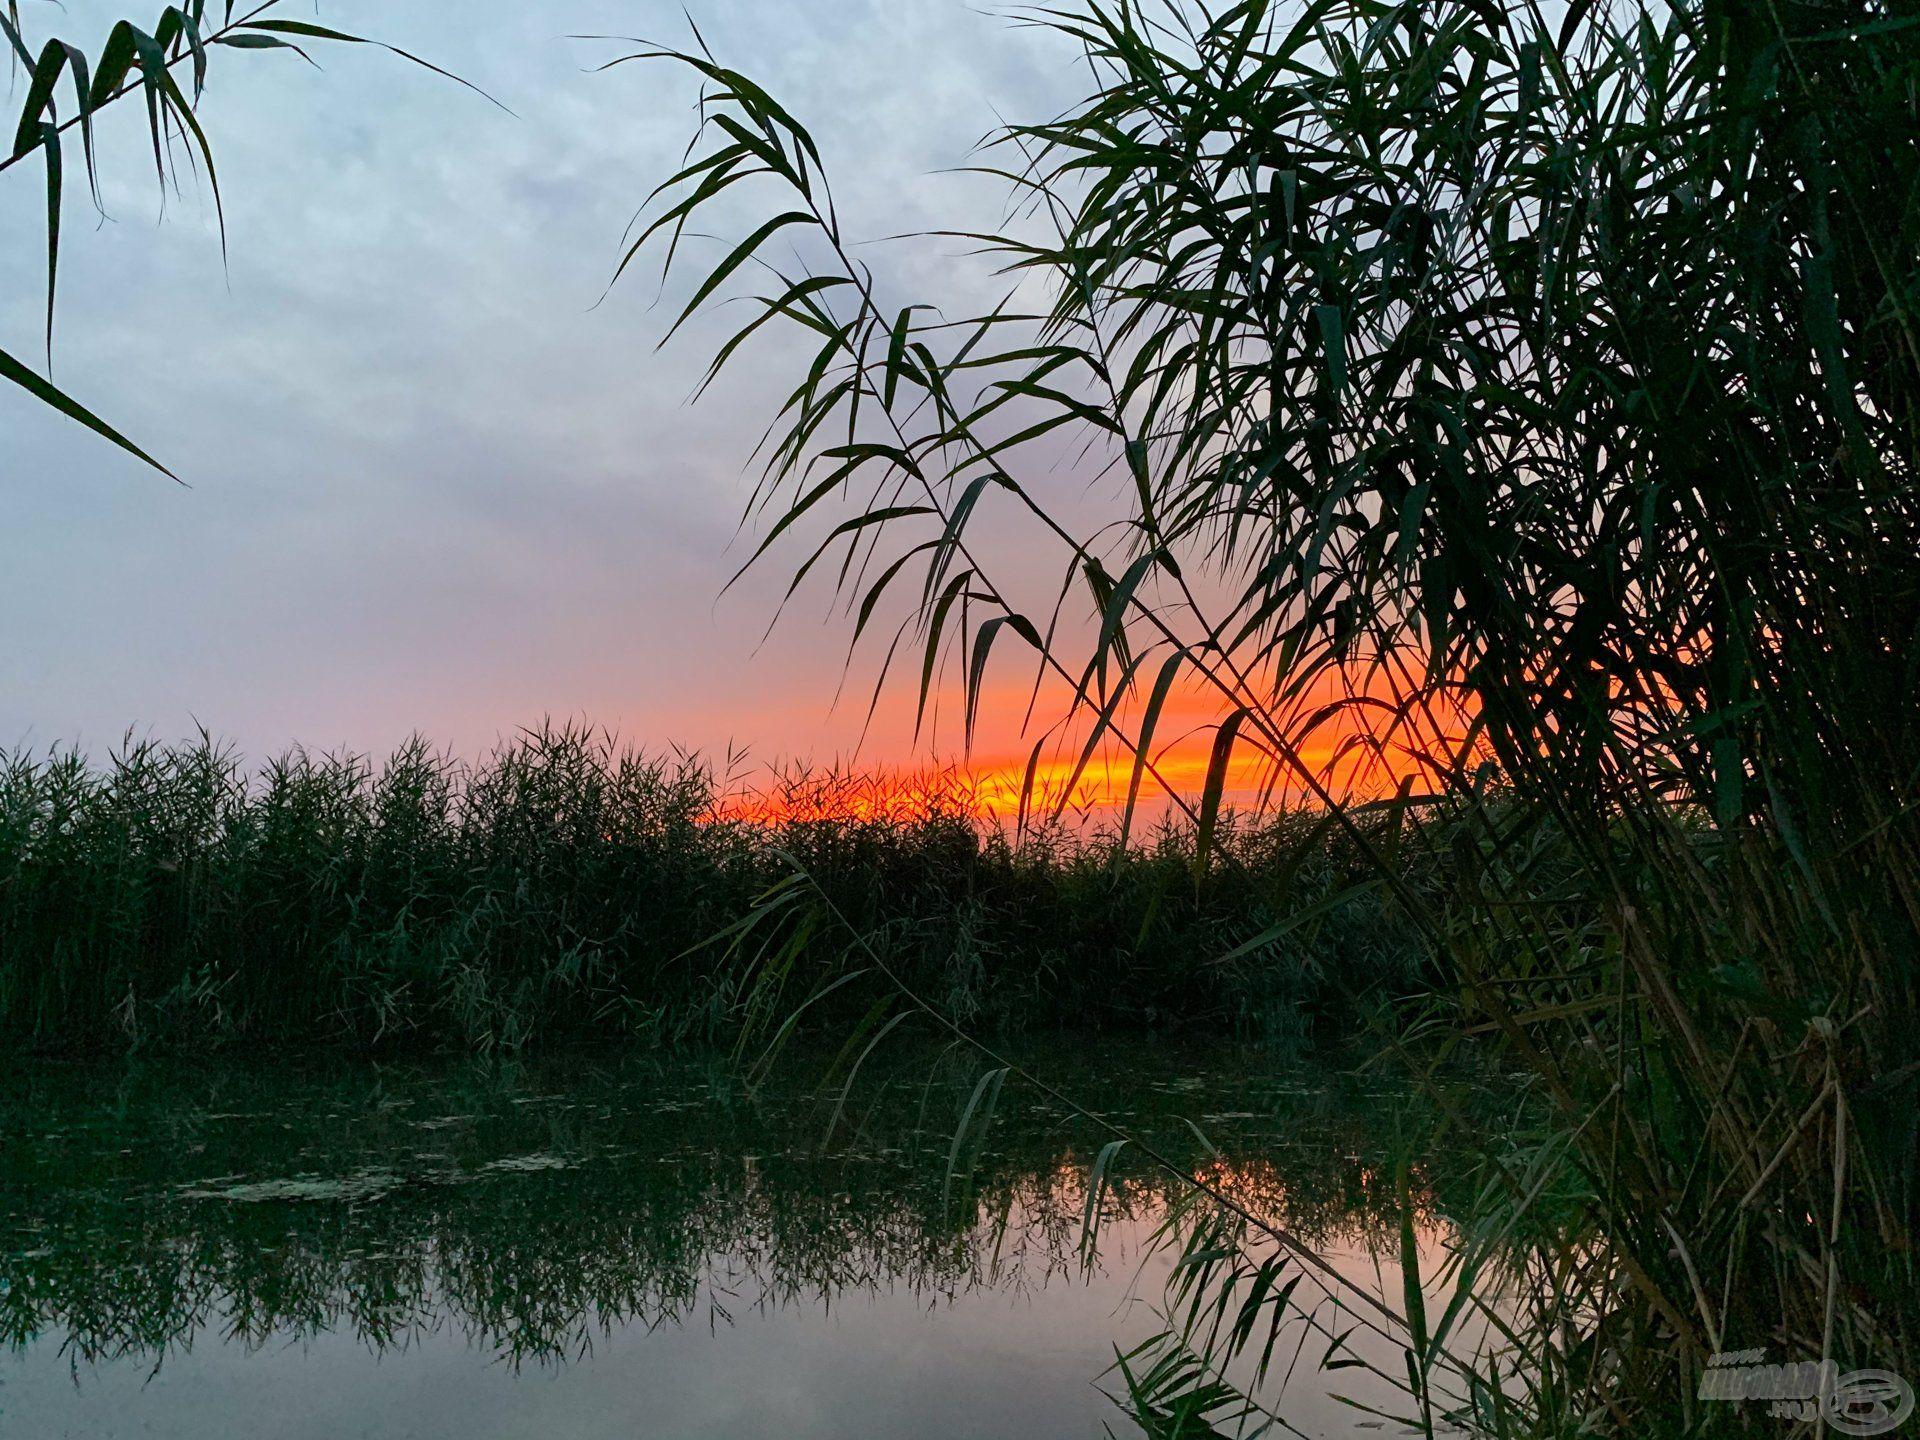 Ilyen meseszép naplementében gyönyörködhet az, aki kilátogat a DVCS partjára…